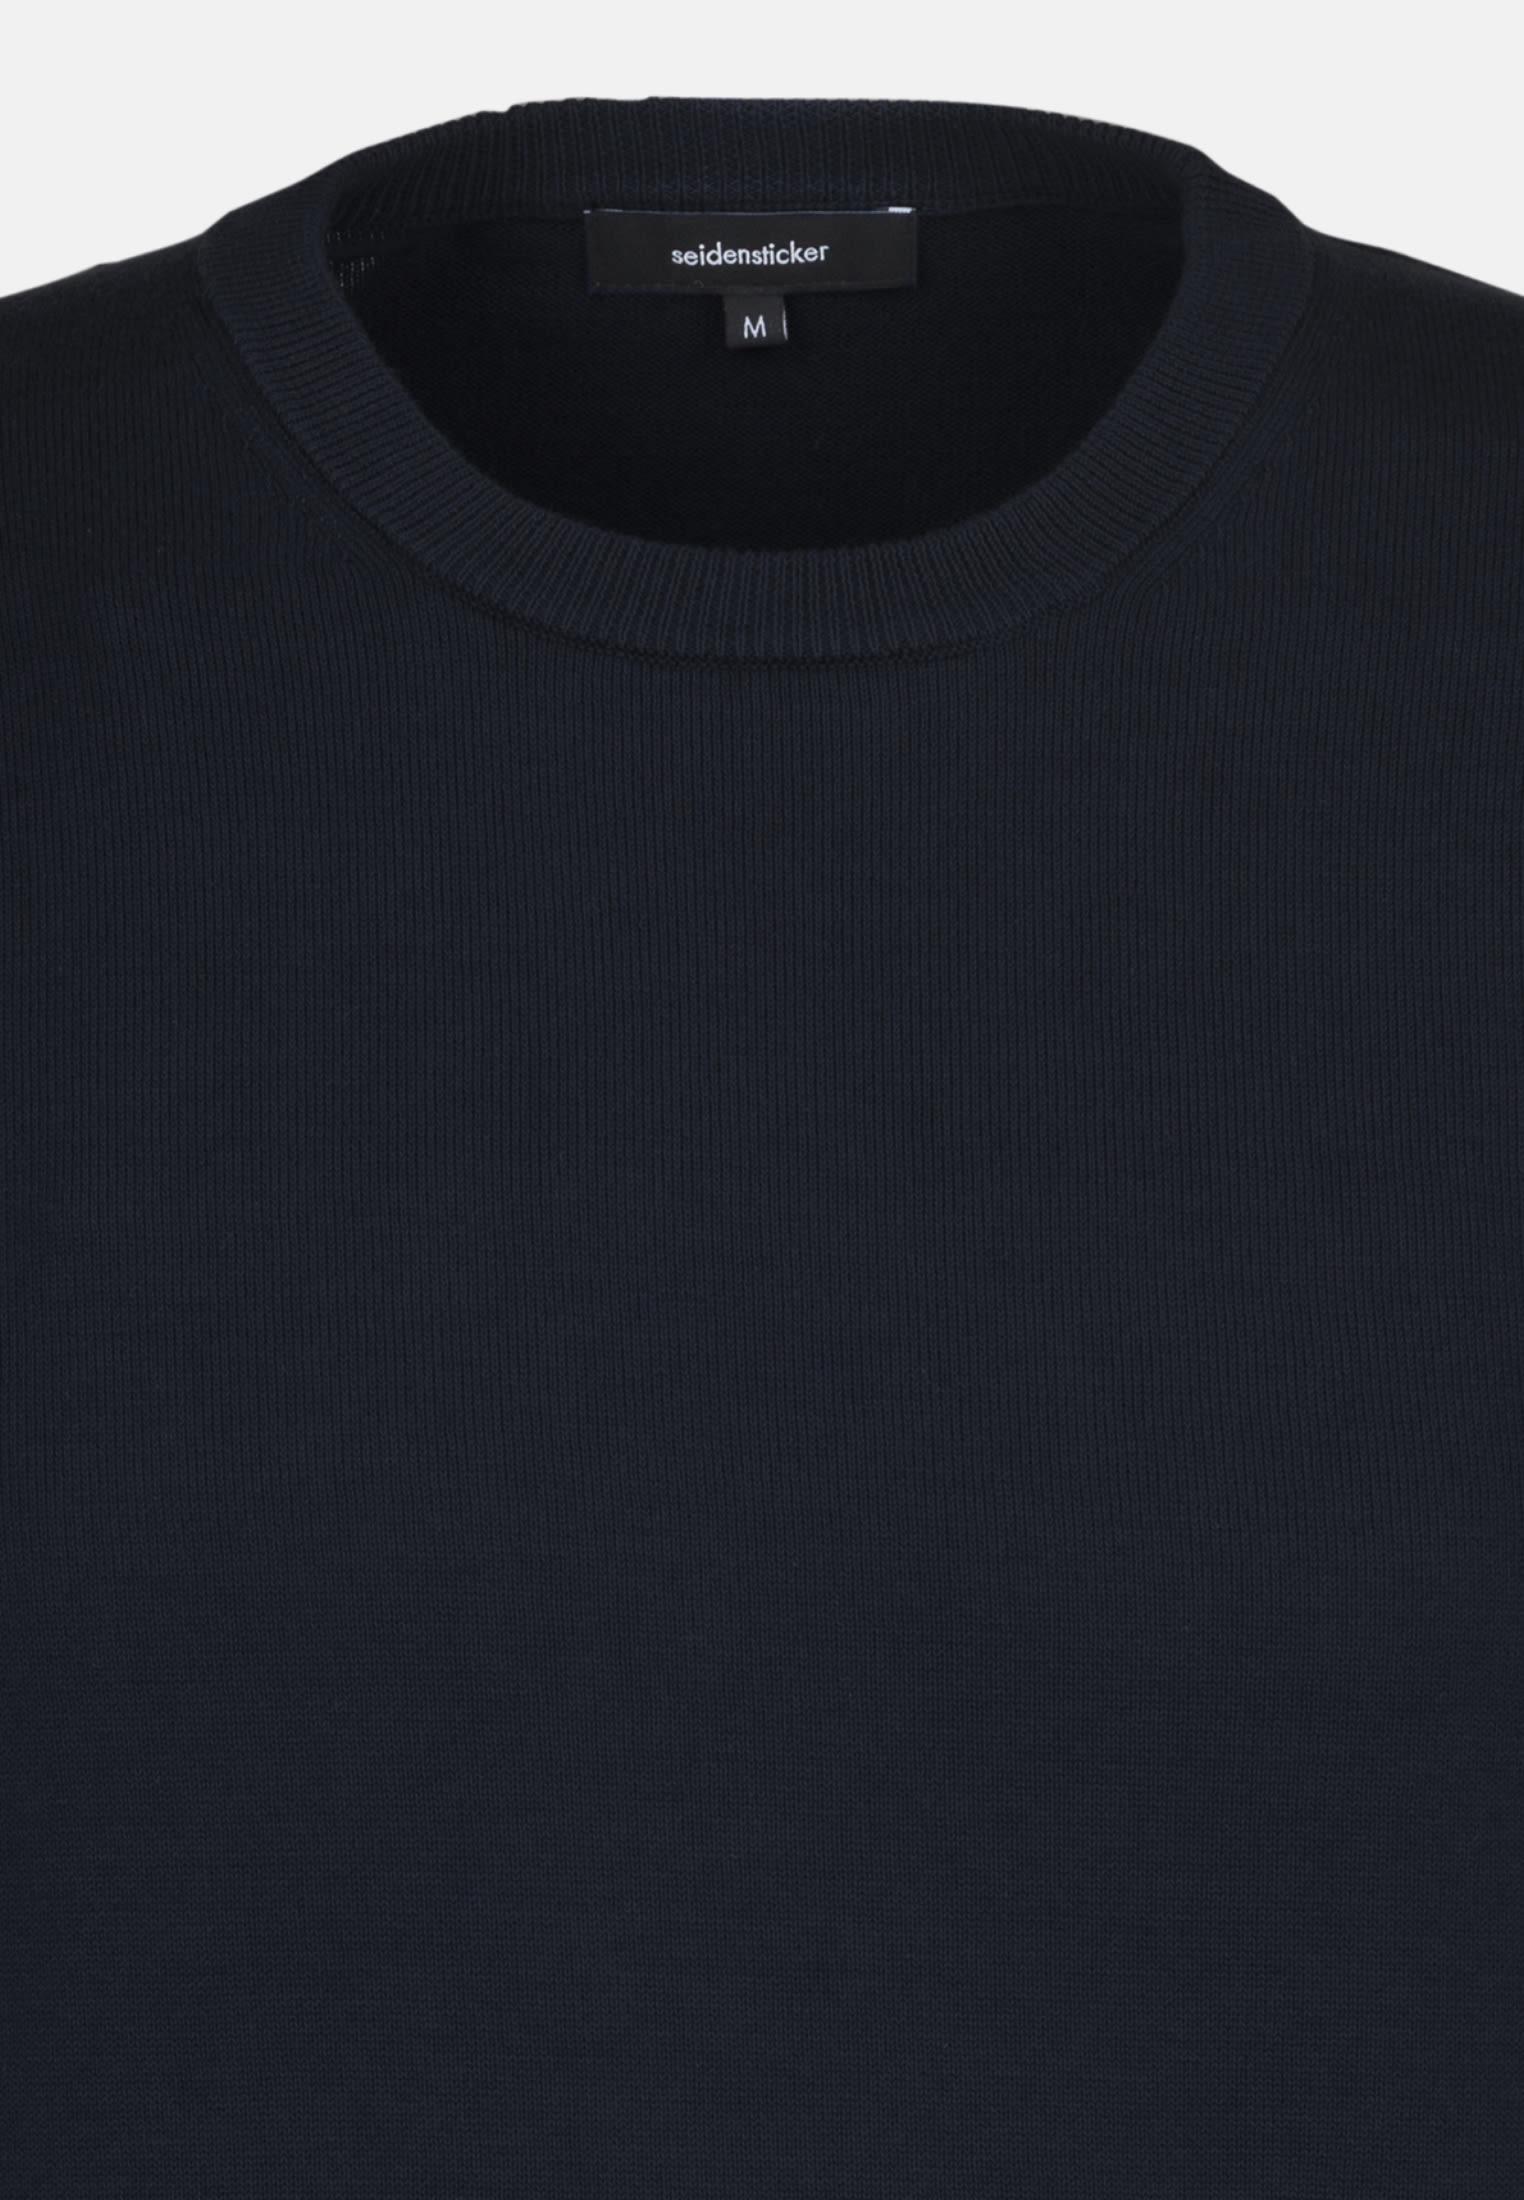 Crew Neck Pullover made of 70% Cotton 30% Leinen/Flachs in marine |  Seidensticker Onlineshop